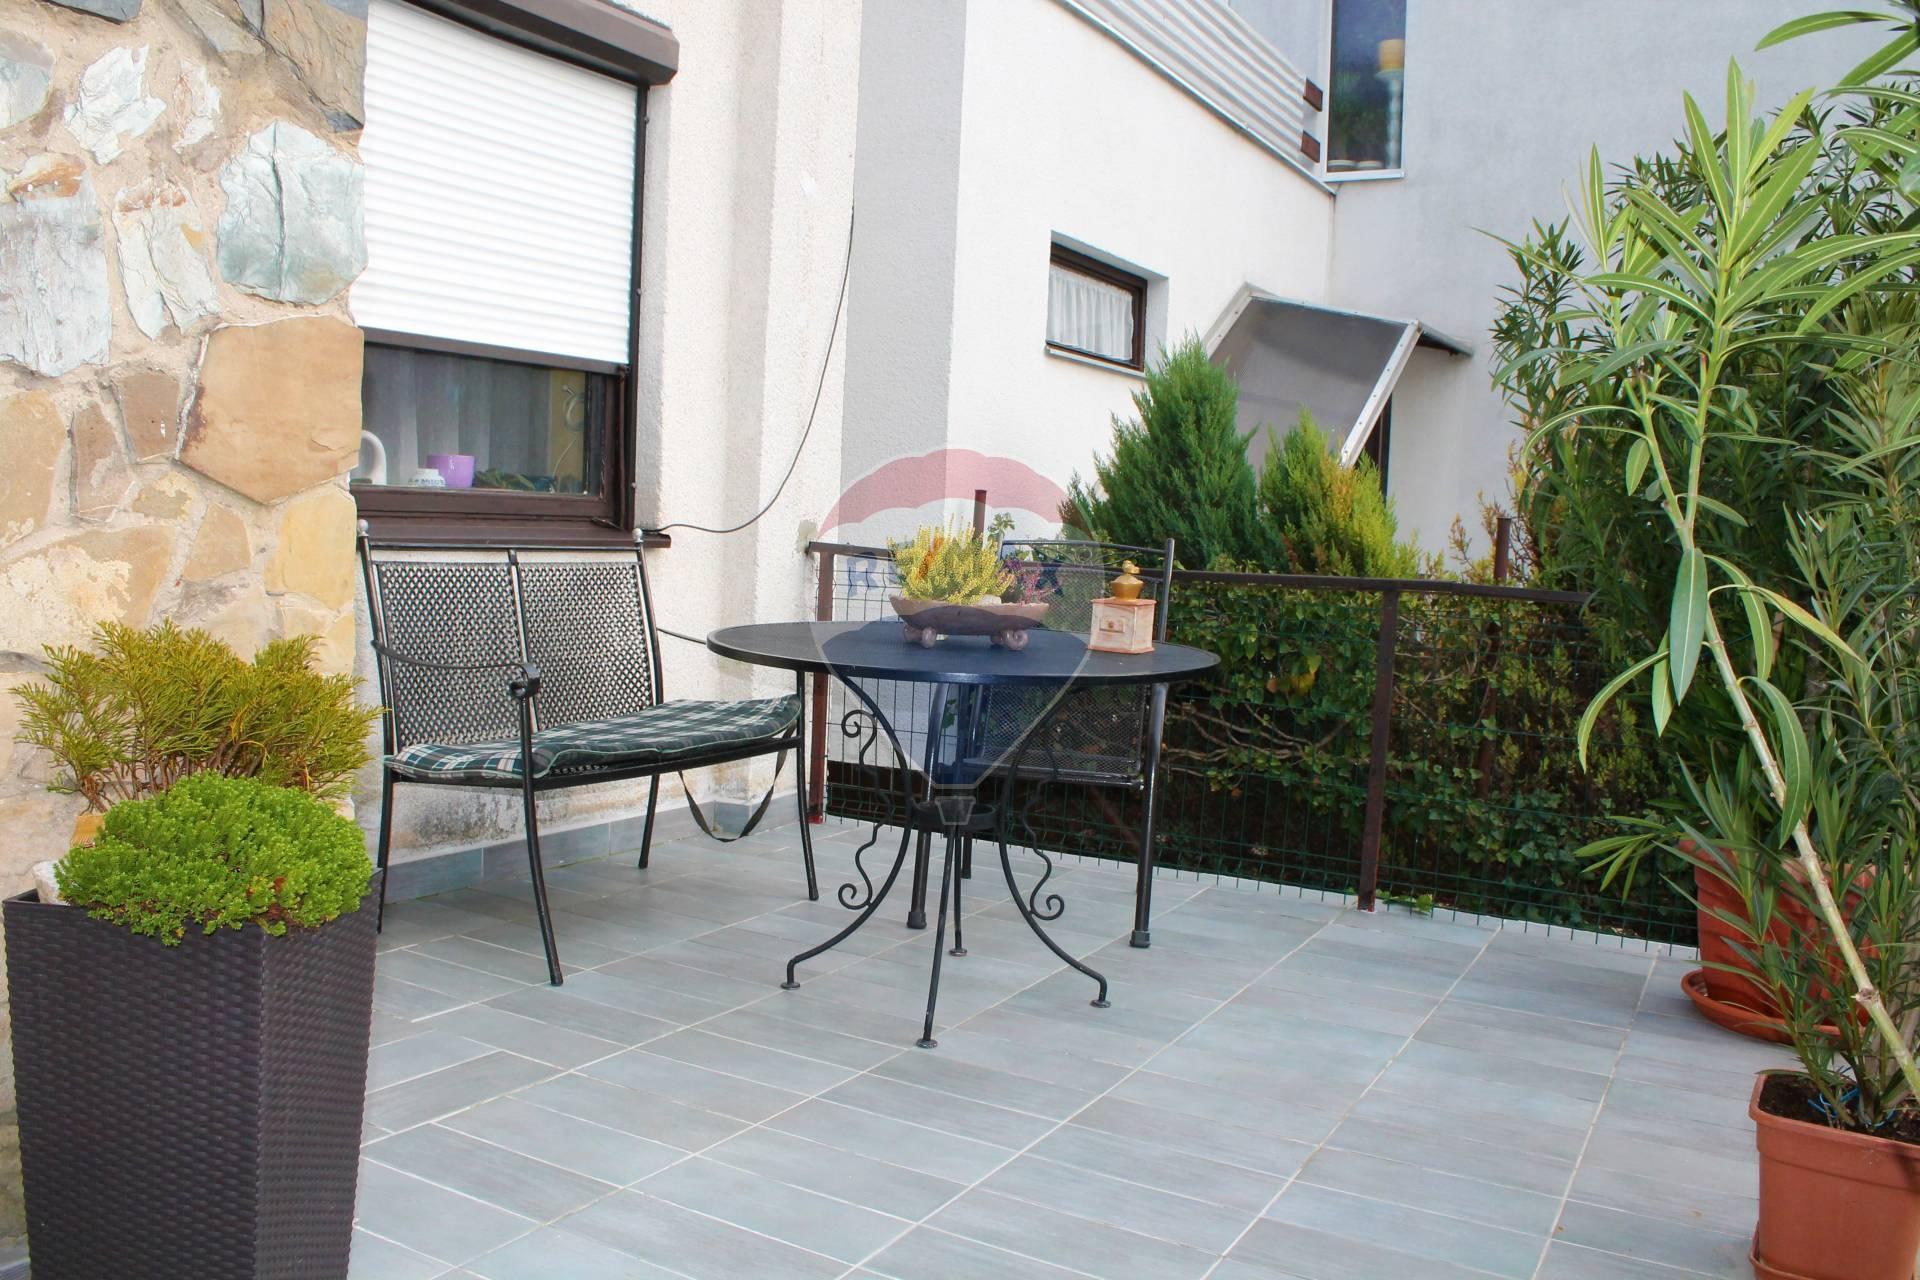 Predaj domu 300 m2, Senec - PREDAJ: 4izb. Rodinný dom, garáž, pozemok 572 m2, Senec